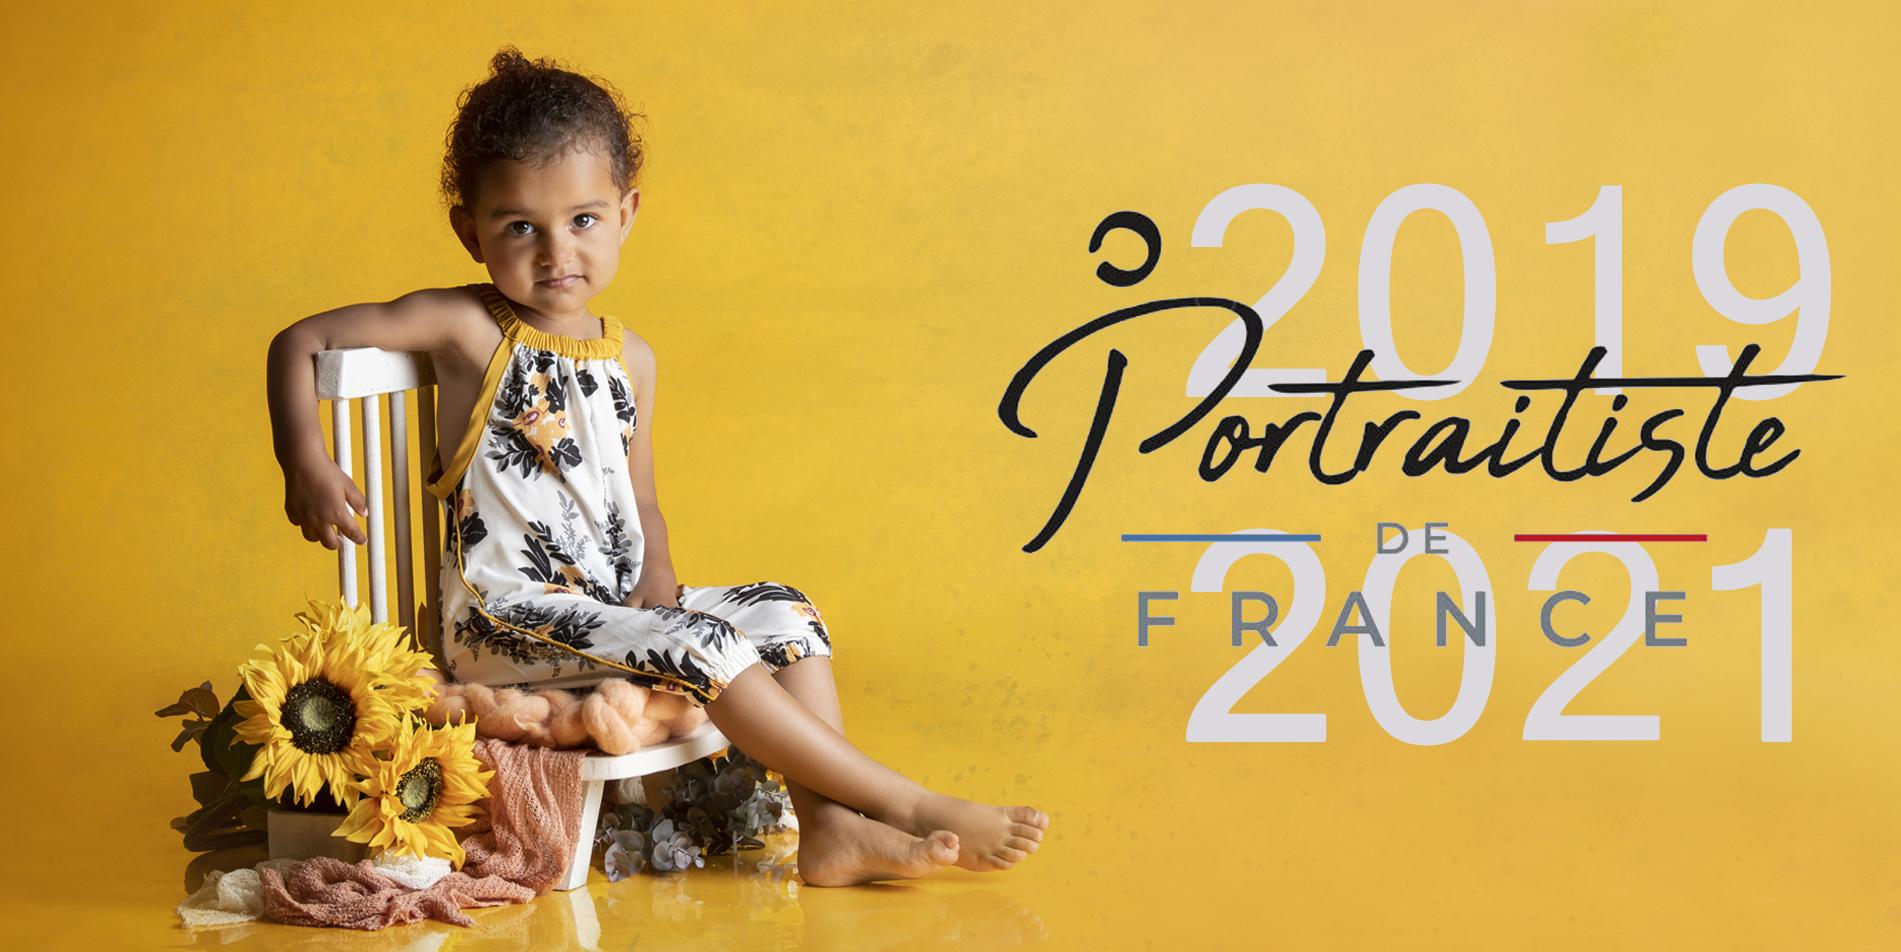 photo-portraitiste-de-france-2019-2021